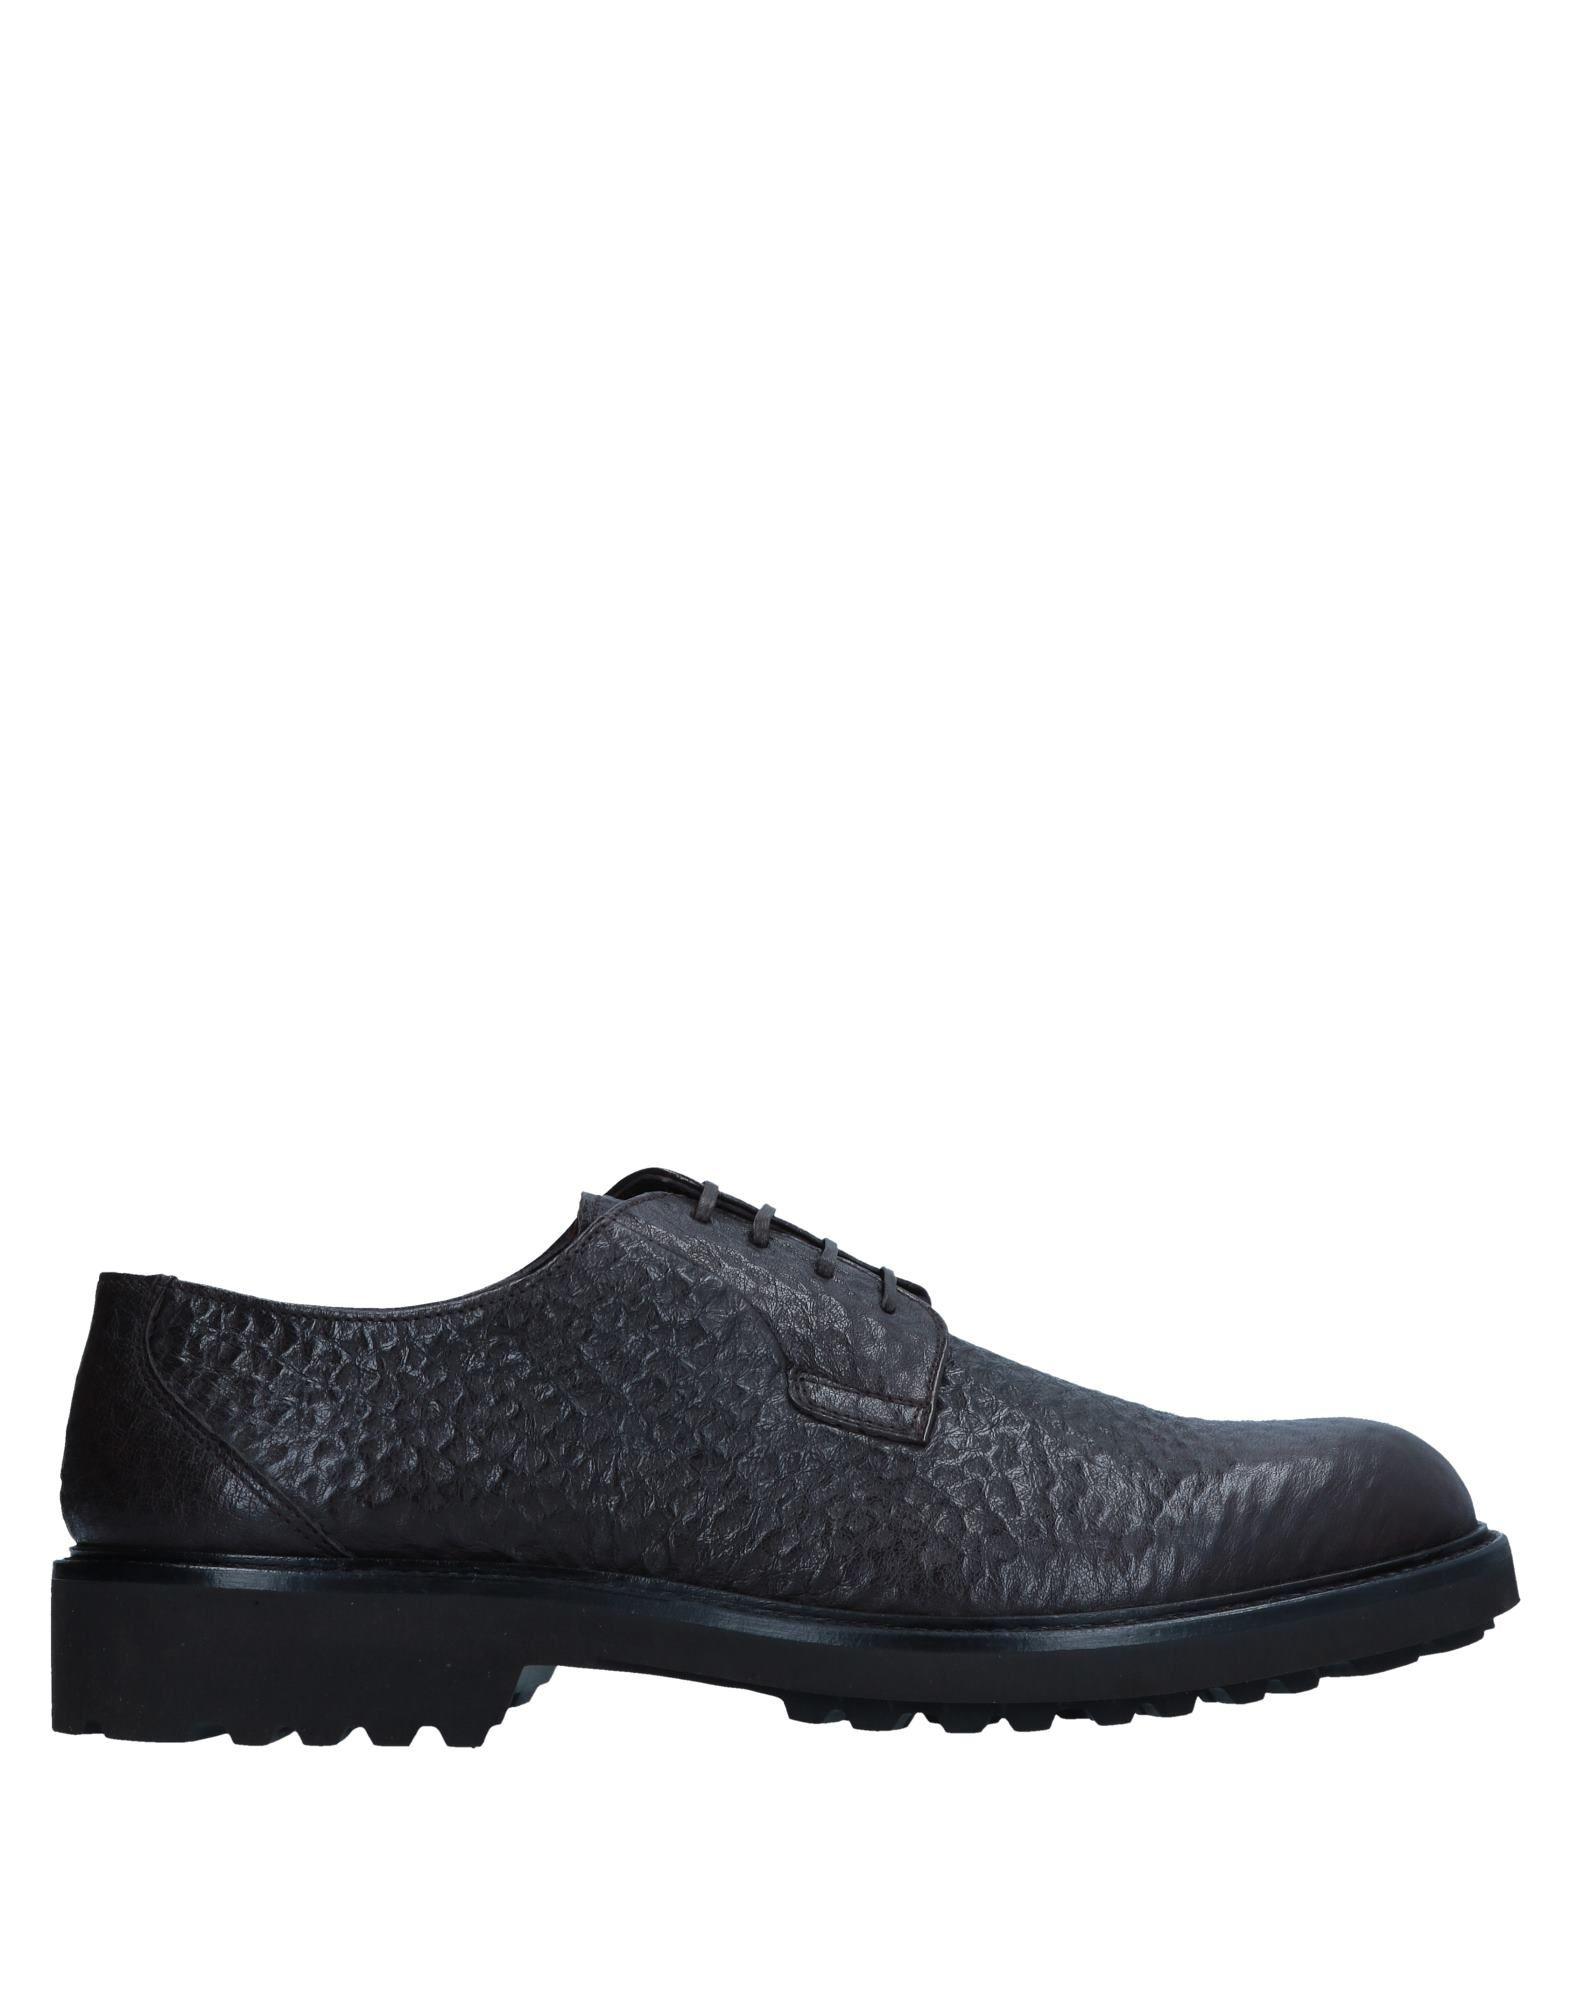 Paolo Da Ponte Schnürschuhe Herren  11545409VG Gute Qualität beliebte Schuhe